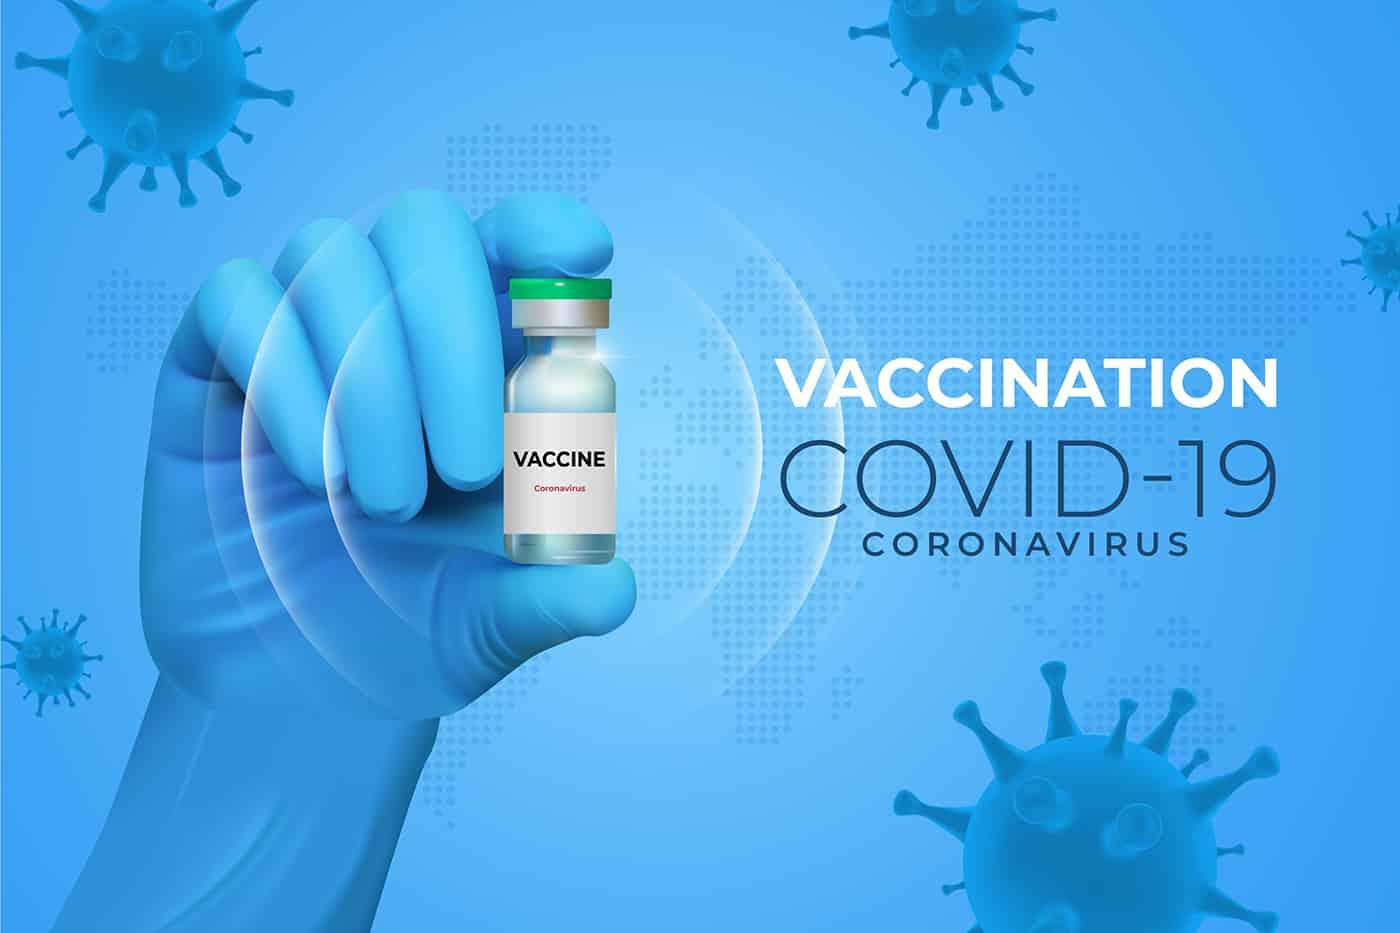 Corona-Impfstoff -medizinischem Business Englisch - Impfstoff